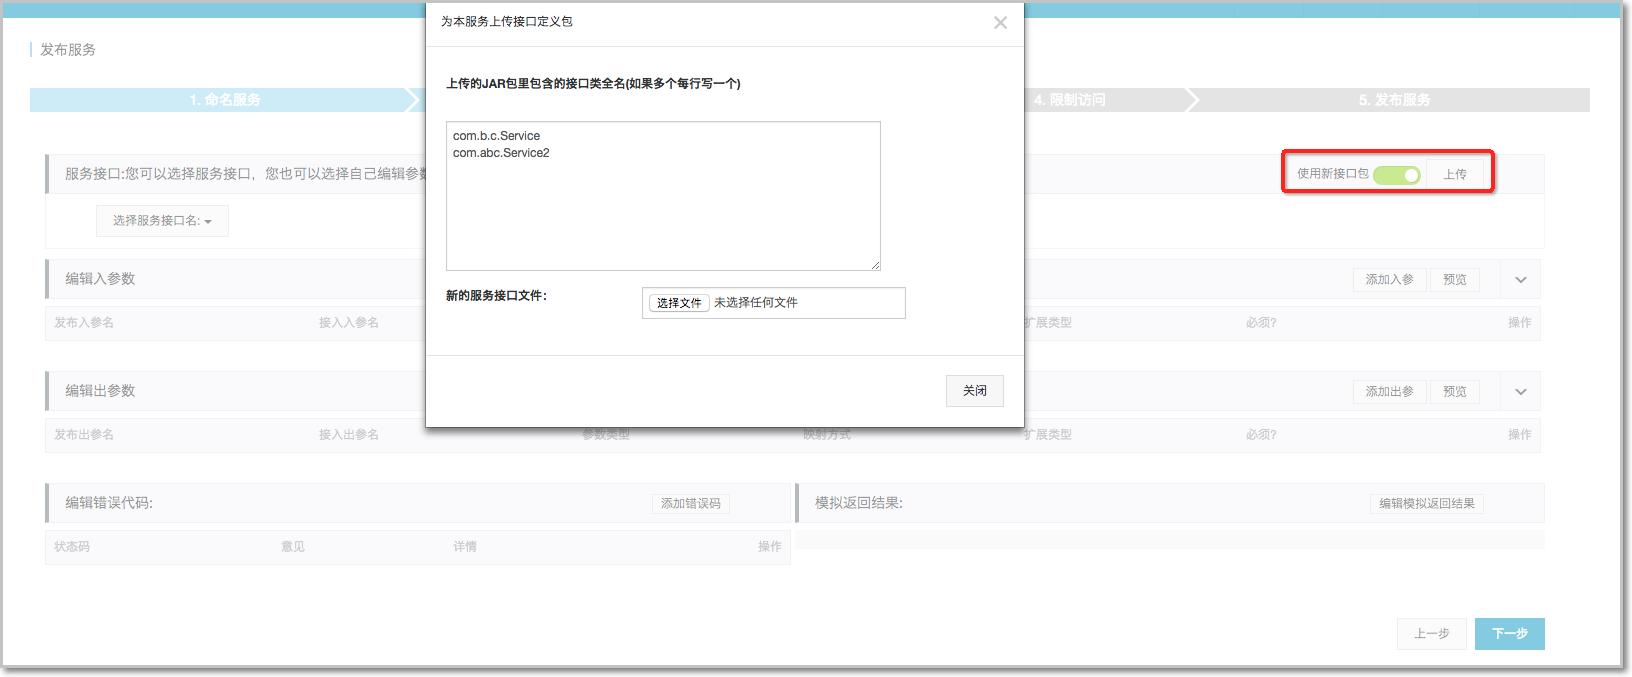 选择接口文件方式2